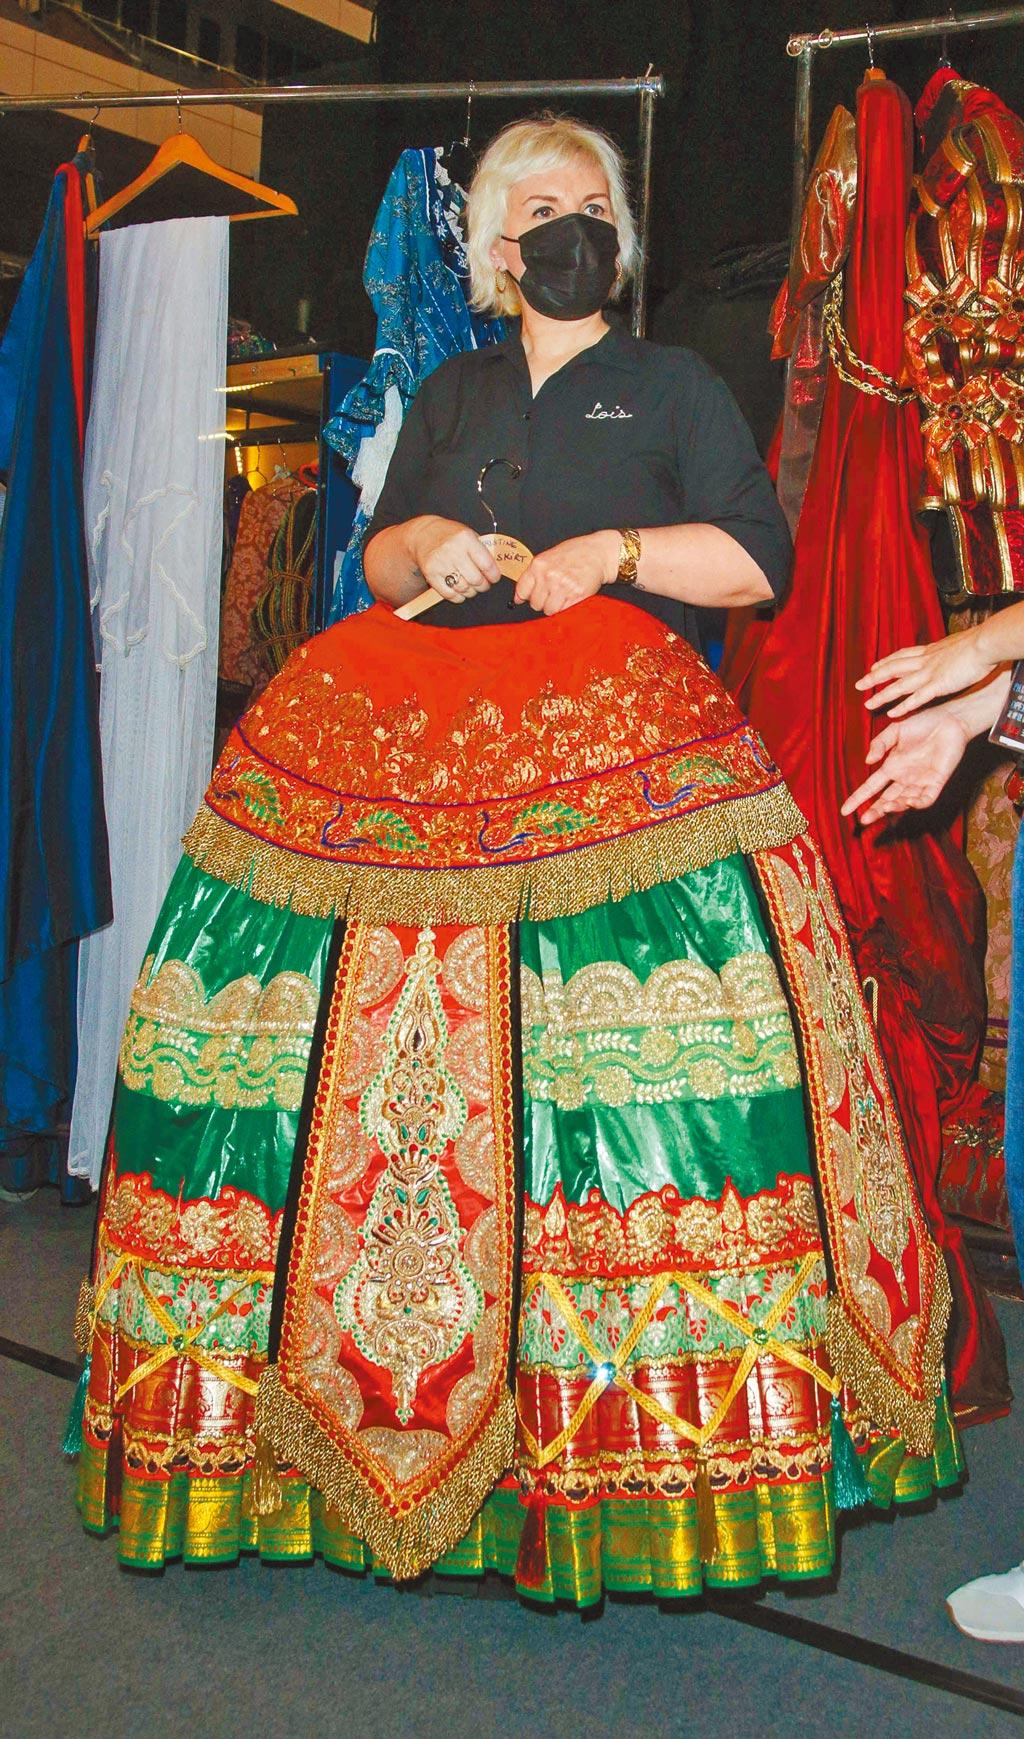 「克莉絲汀」在劇中劇《漢尼拔》穿著的長裙重達3公斤以上。(吳松翰攝)